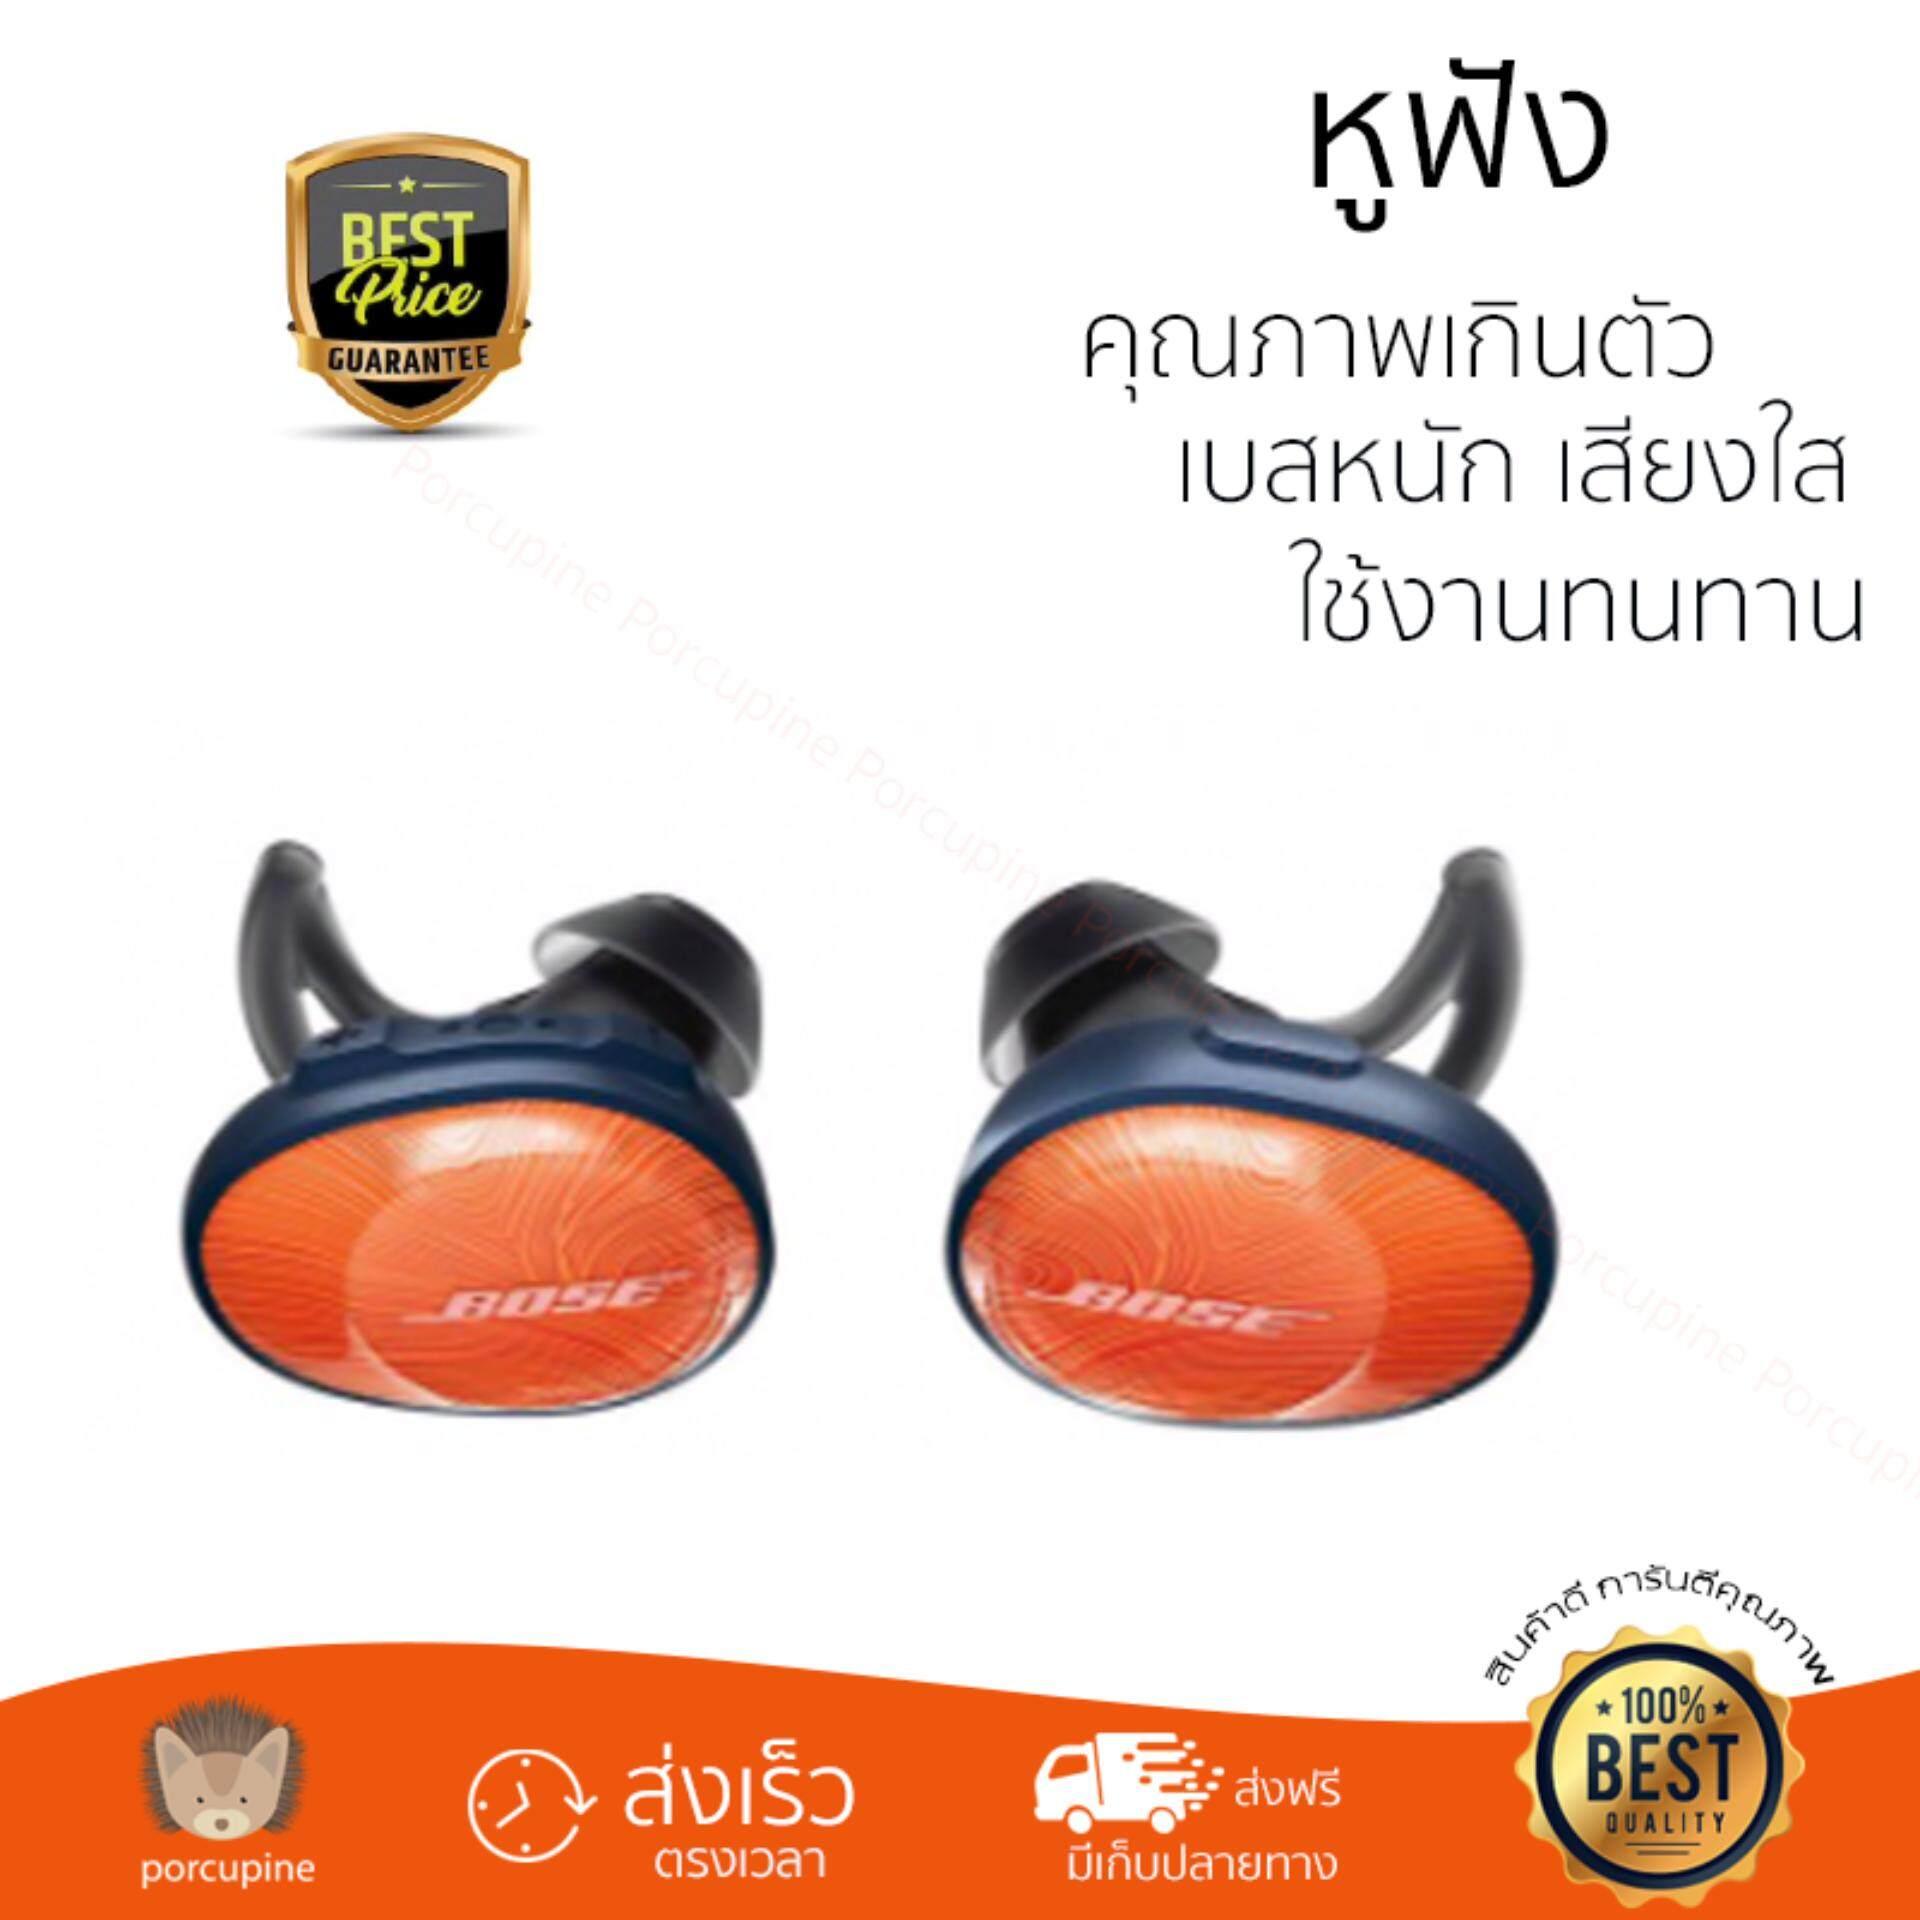 การใช้งาน  นราธิวาส ของแท้ หูฟัง Bose SoundSport Free Wireless Headphones Orange เบสหนัก เสียงใส คุณภาพเกินตัว Headphone รับประกัน 1 ปี จัดส่งฟรีทั่วประเทศ